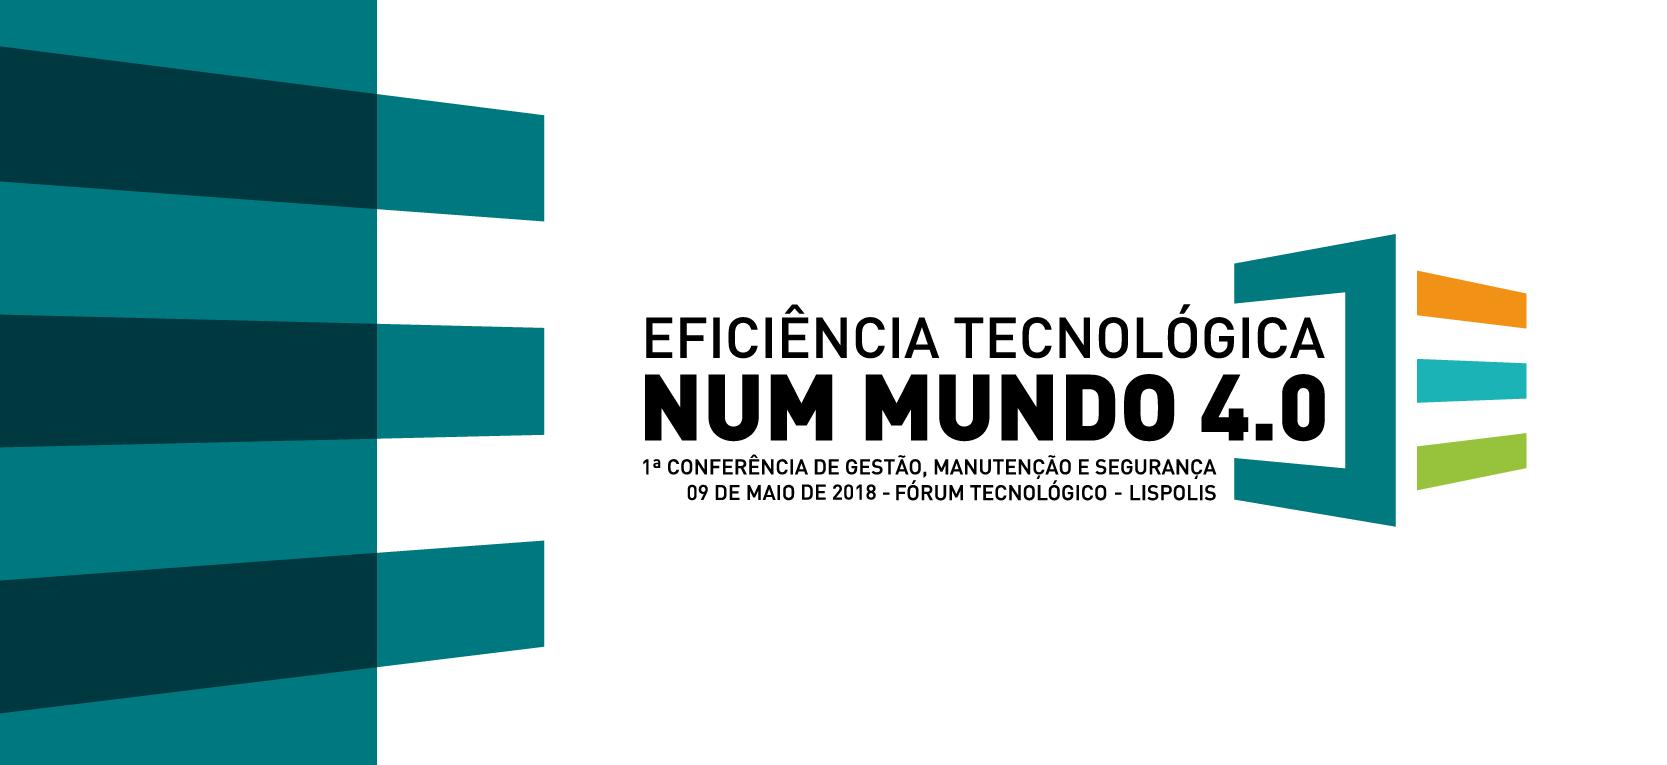 1ª Conferência de Gestão, Manutenção e Segurança | Eficiência Tecnológica num Mundo 4.0